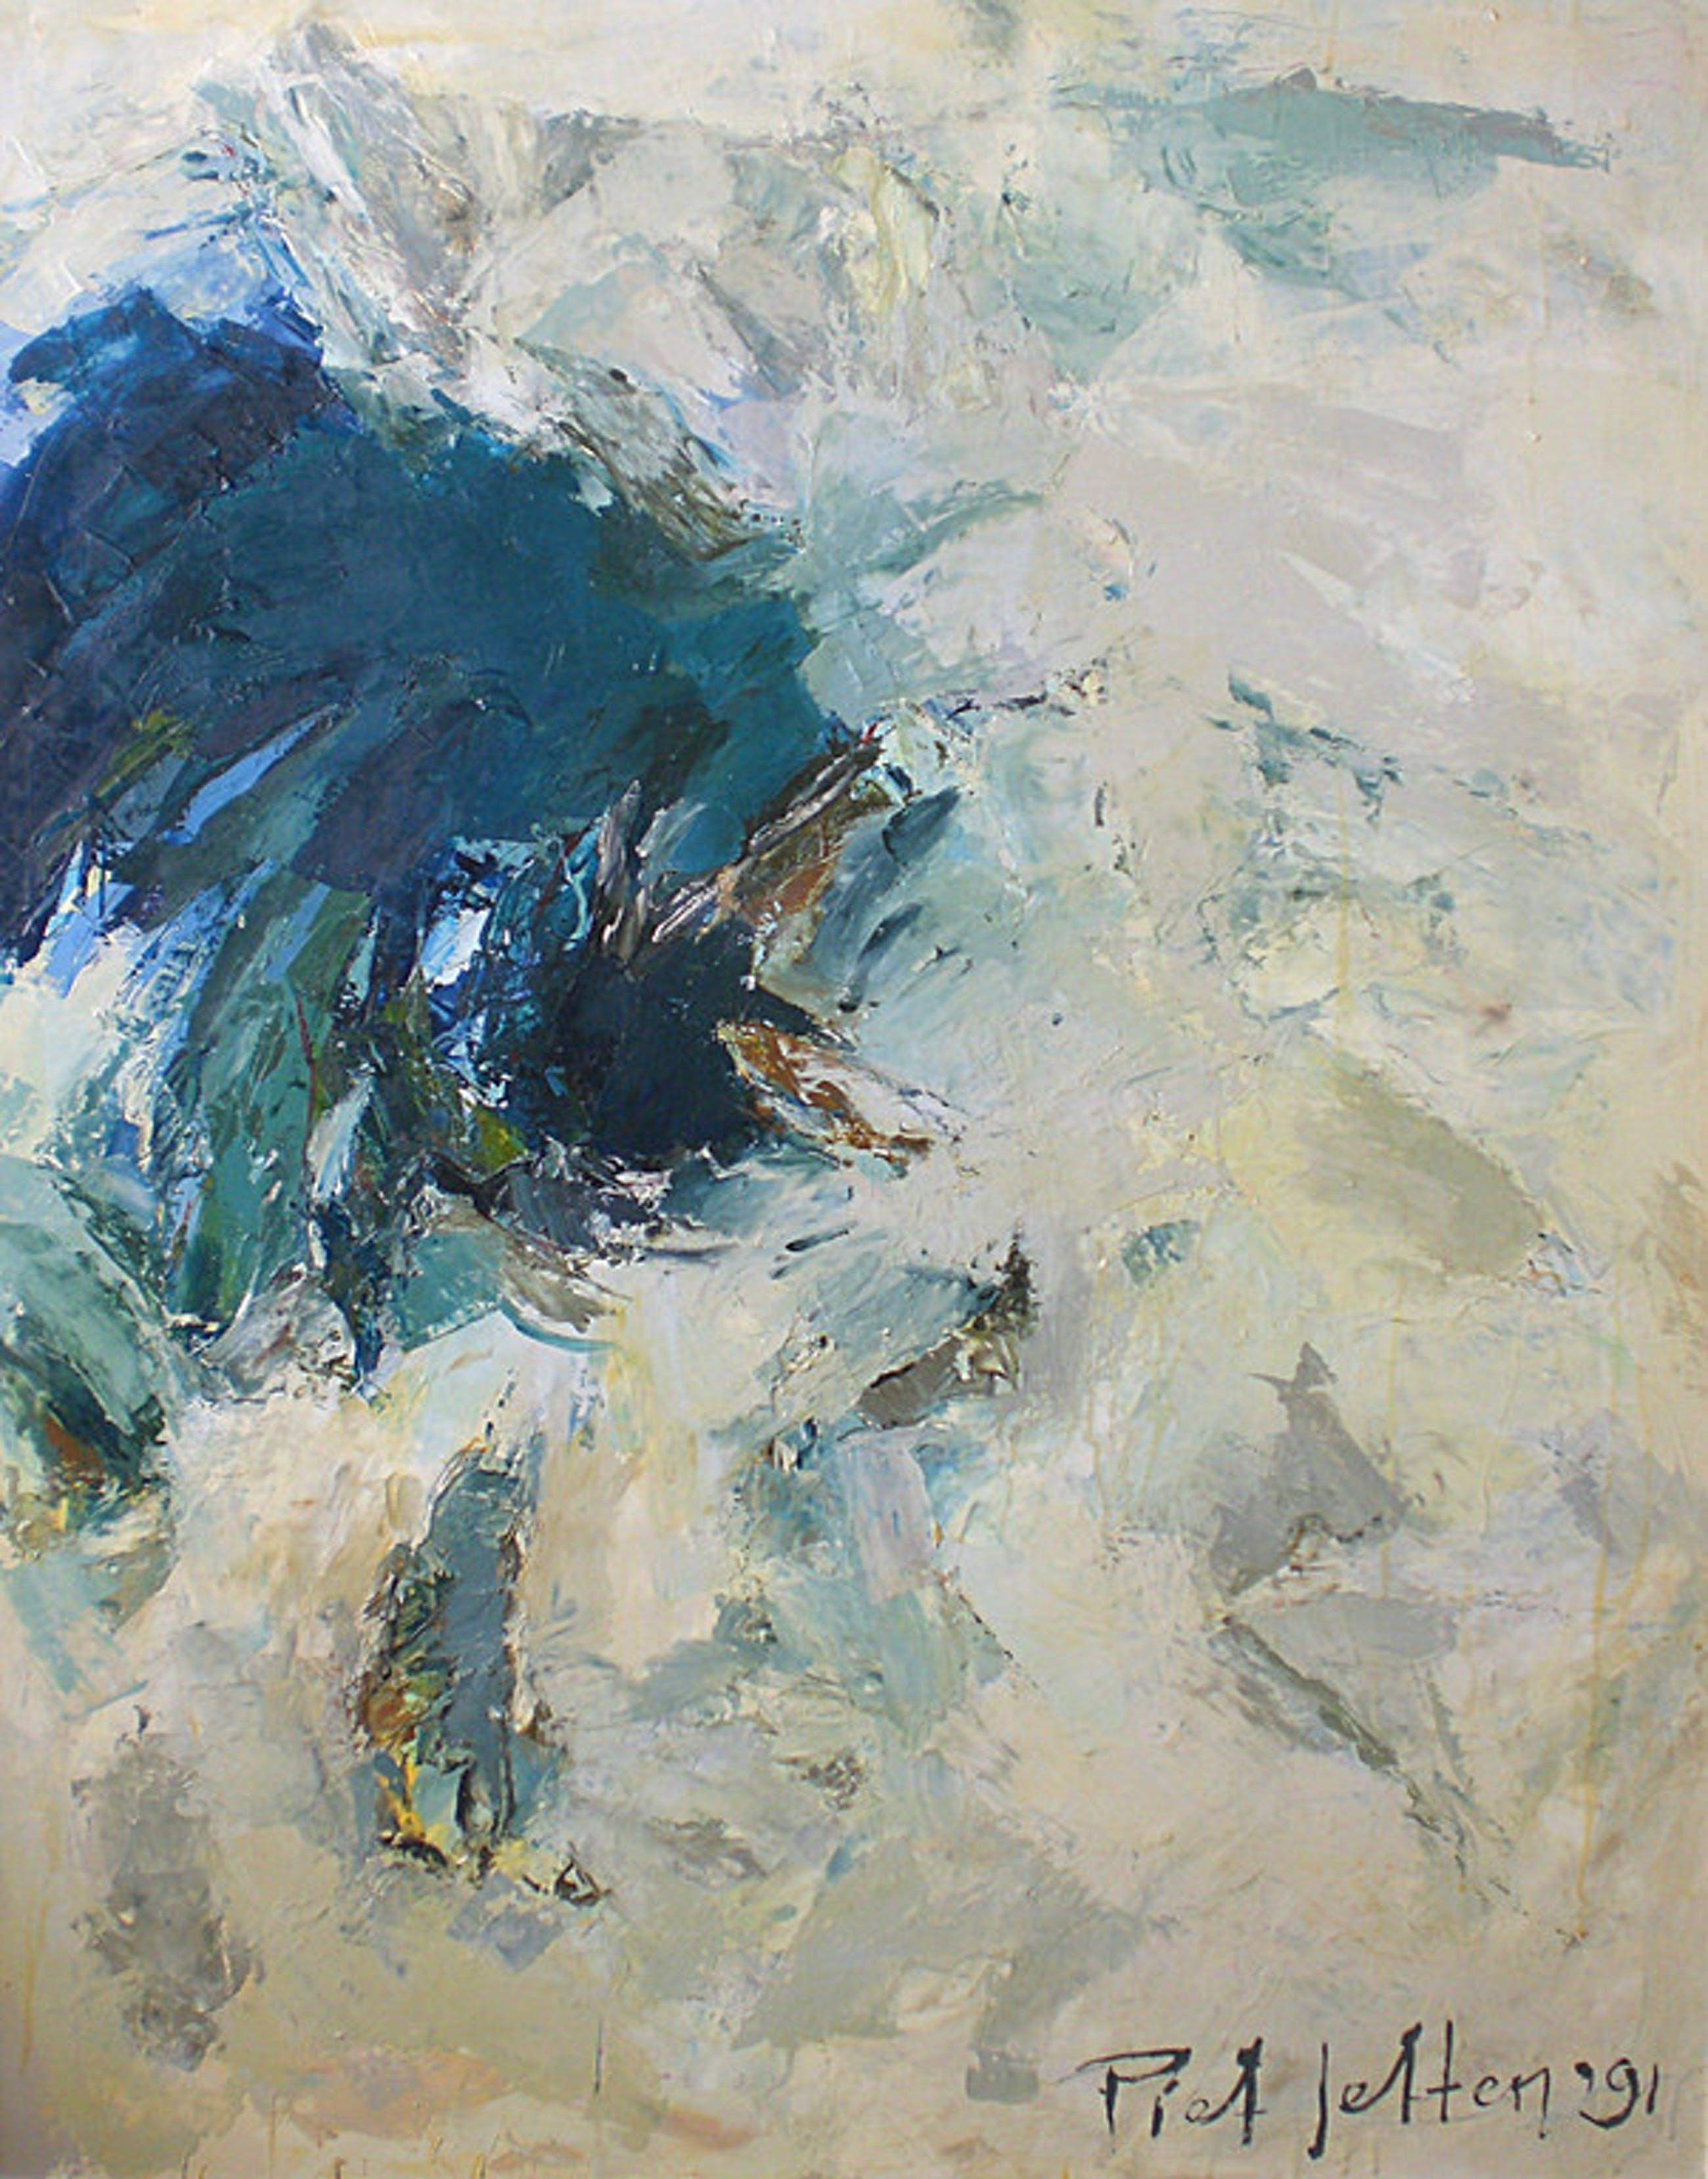 Piet Jetten - Menengai Crater, olieverf op doek (prachtig ingelijst, groot)  kopen? Bied vanaf 450!